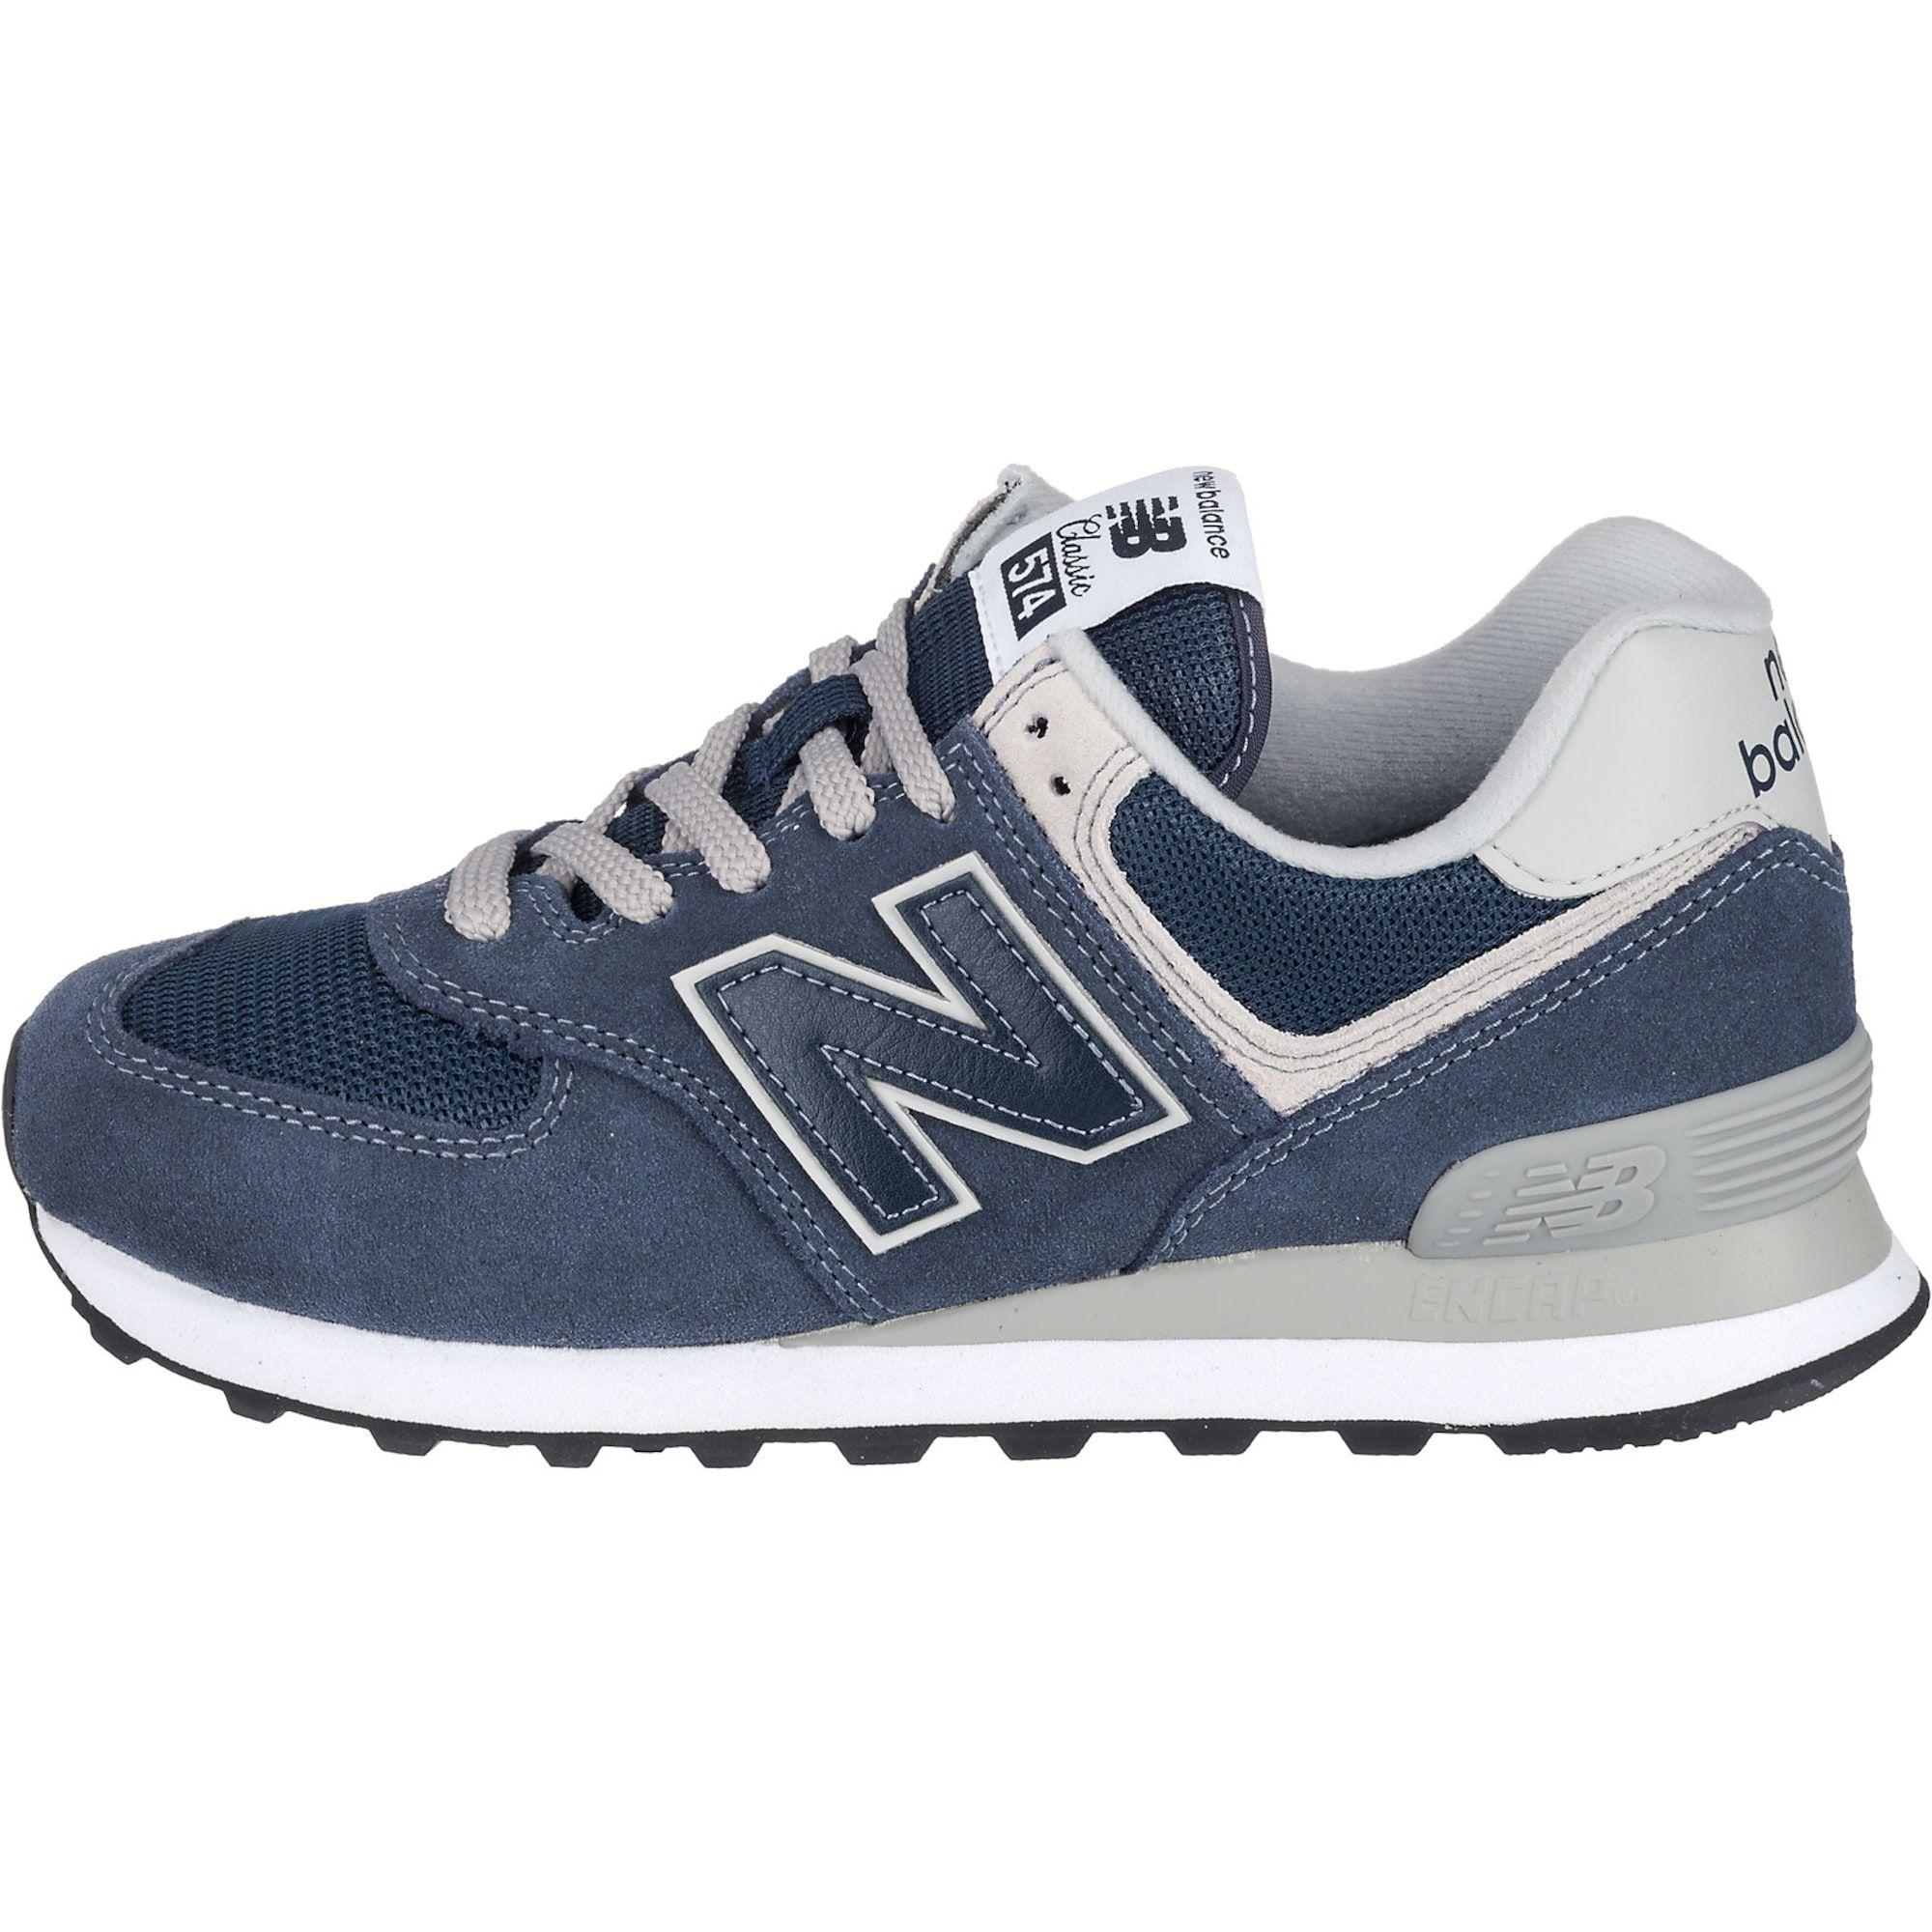 New Balance Sneakers Wl574eb Damen Blau Grau Weiss Grosse 36 5 Blau Grau Blau New Balance